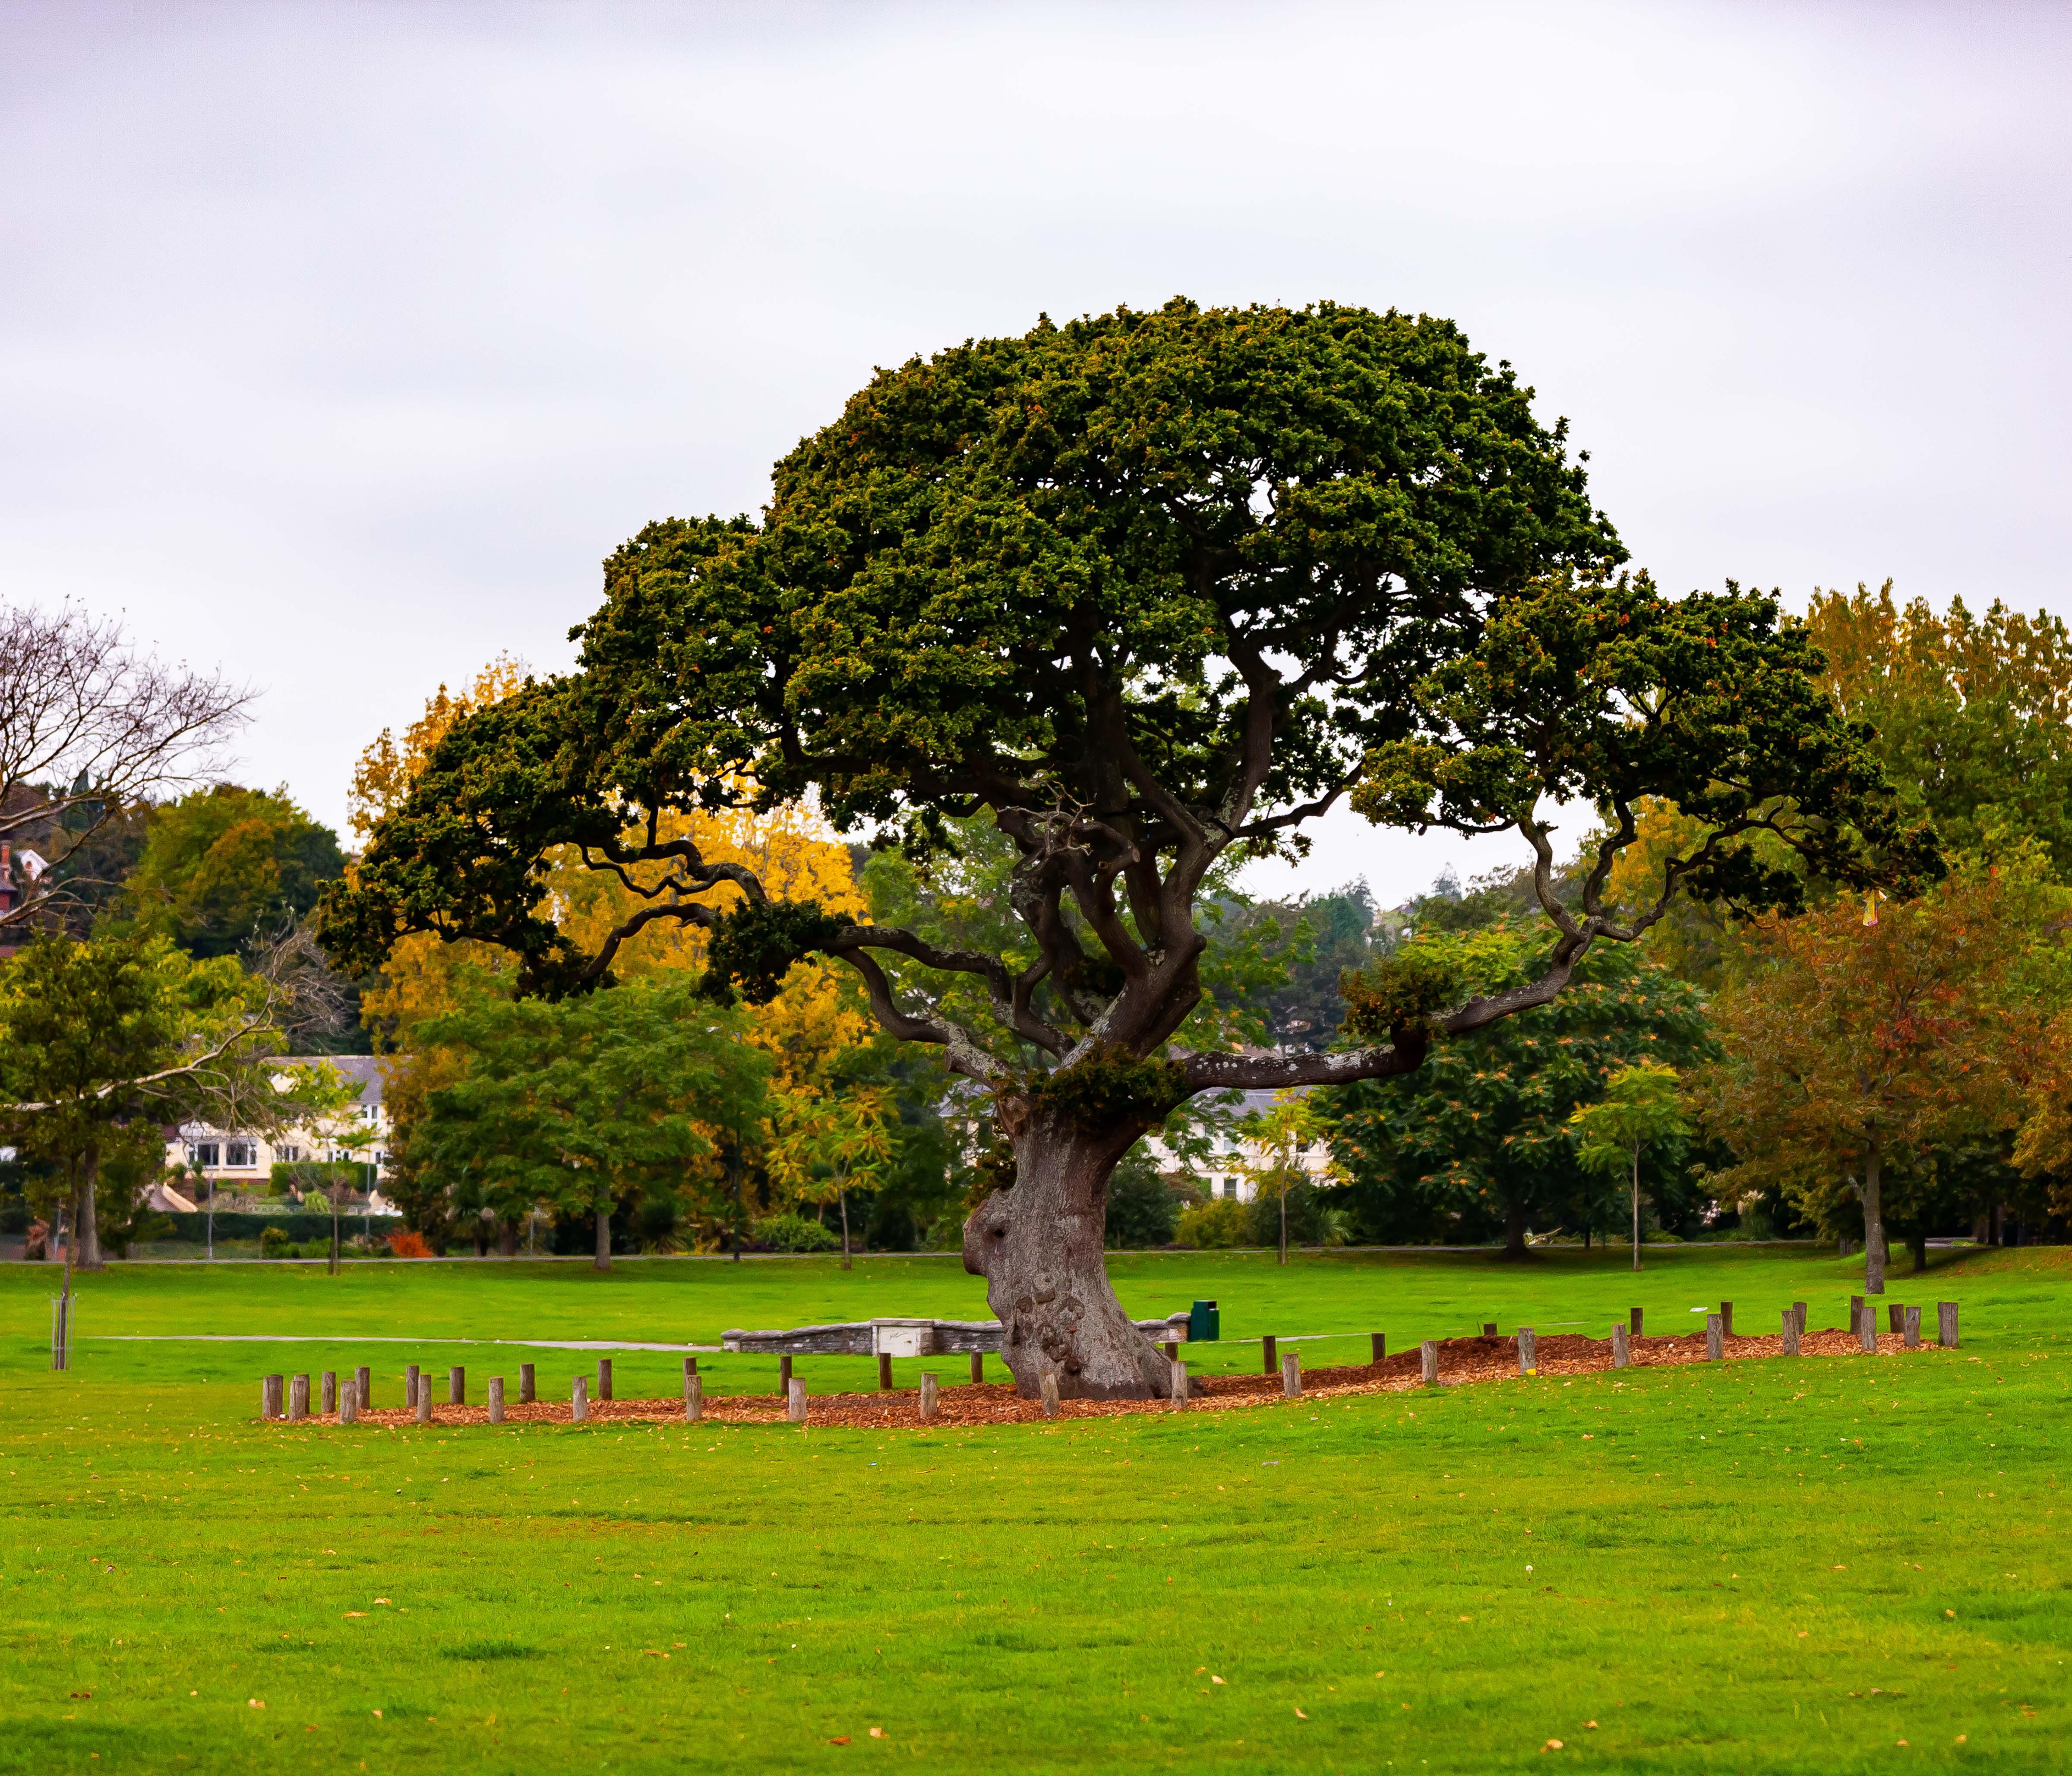 UK, Devon Prov, Tree, 2009, IMG 4422